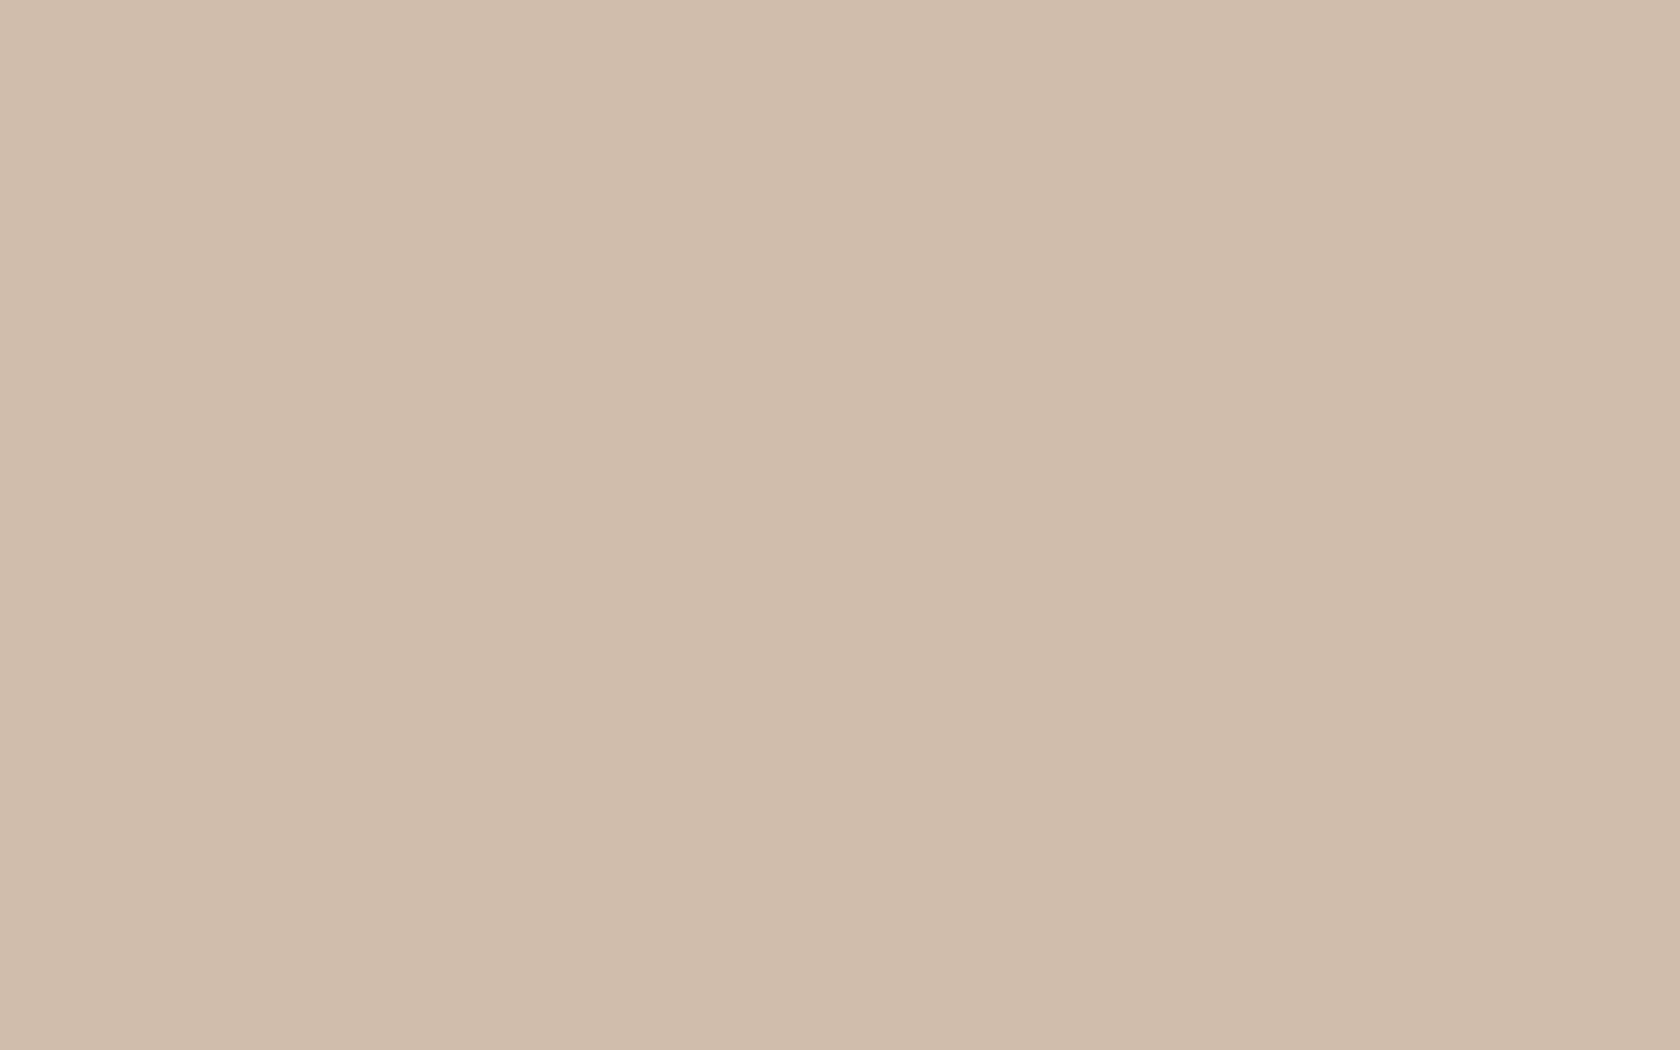 1680x1050 Dark Vanilla Solid Color Background